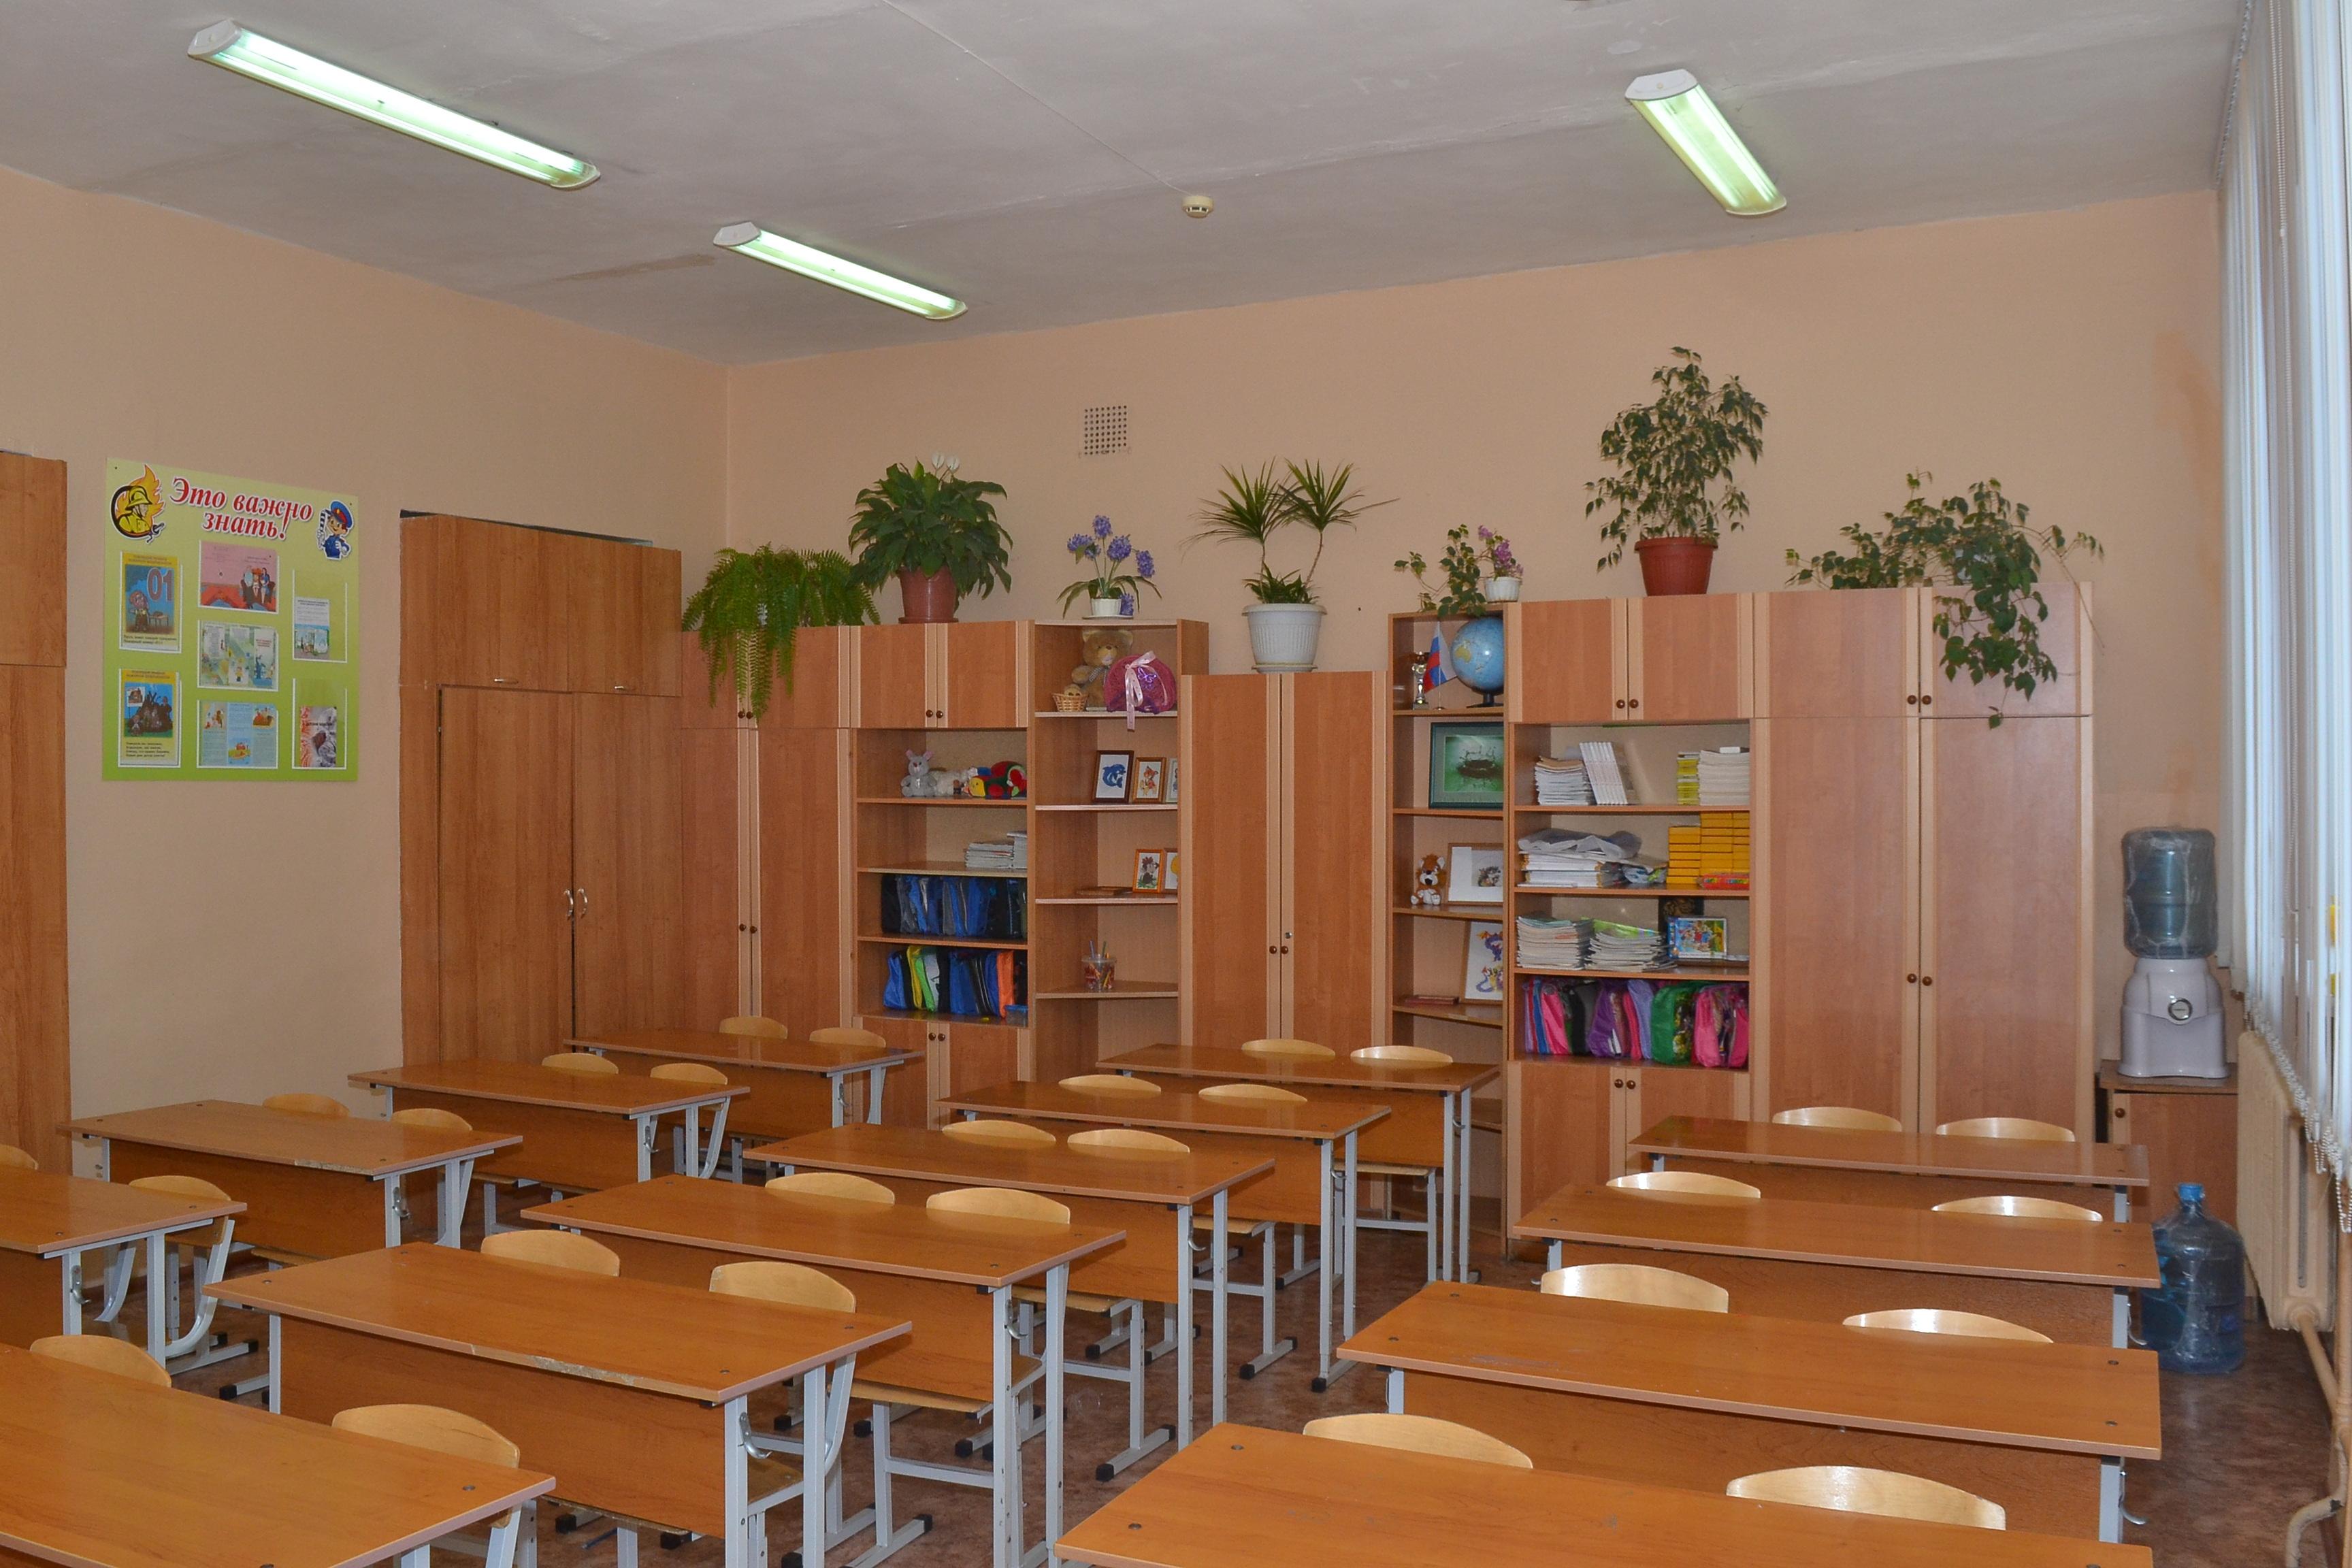 Кабинет № 8 - начальные классы